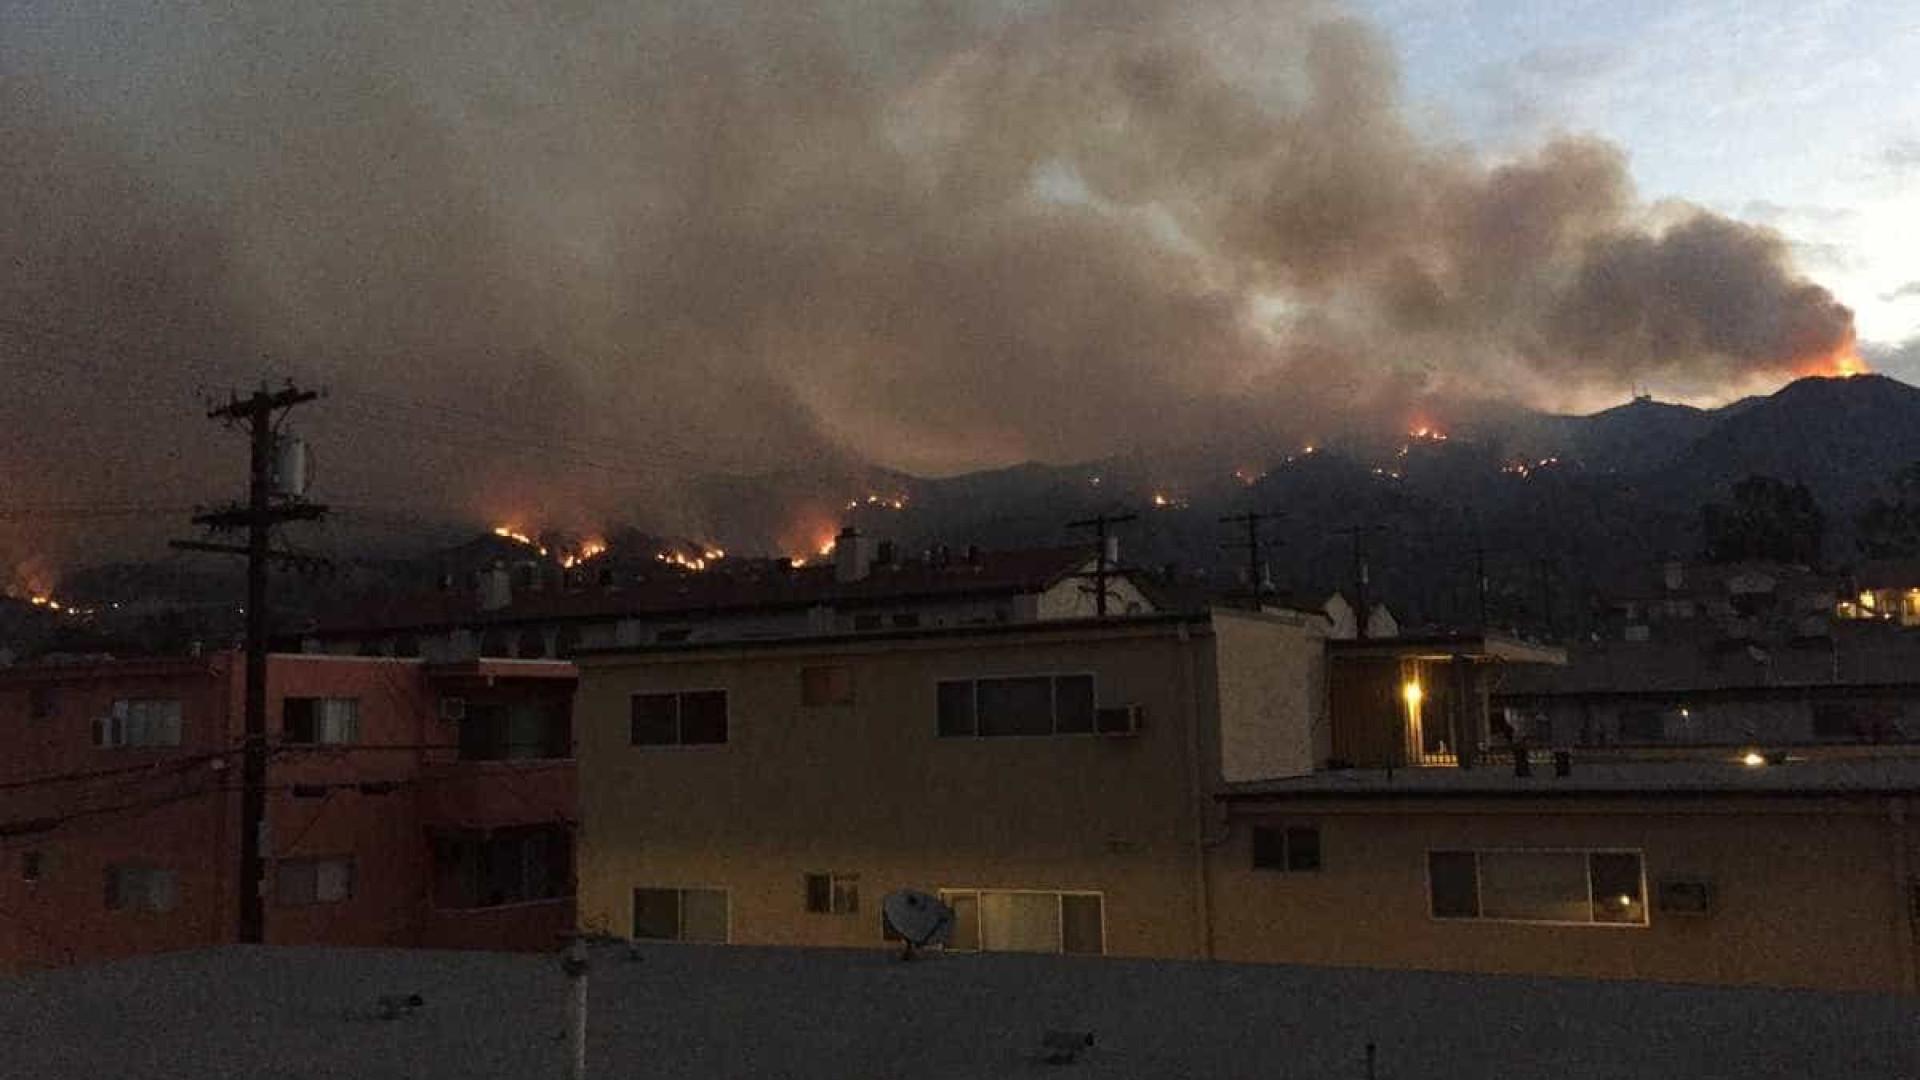 Incêndios florestais nos EUA forçam milhares de pessoas a fugir de casa